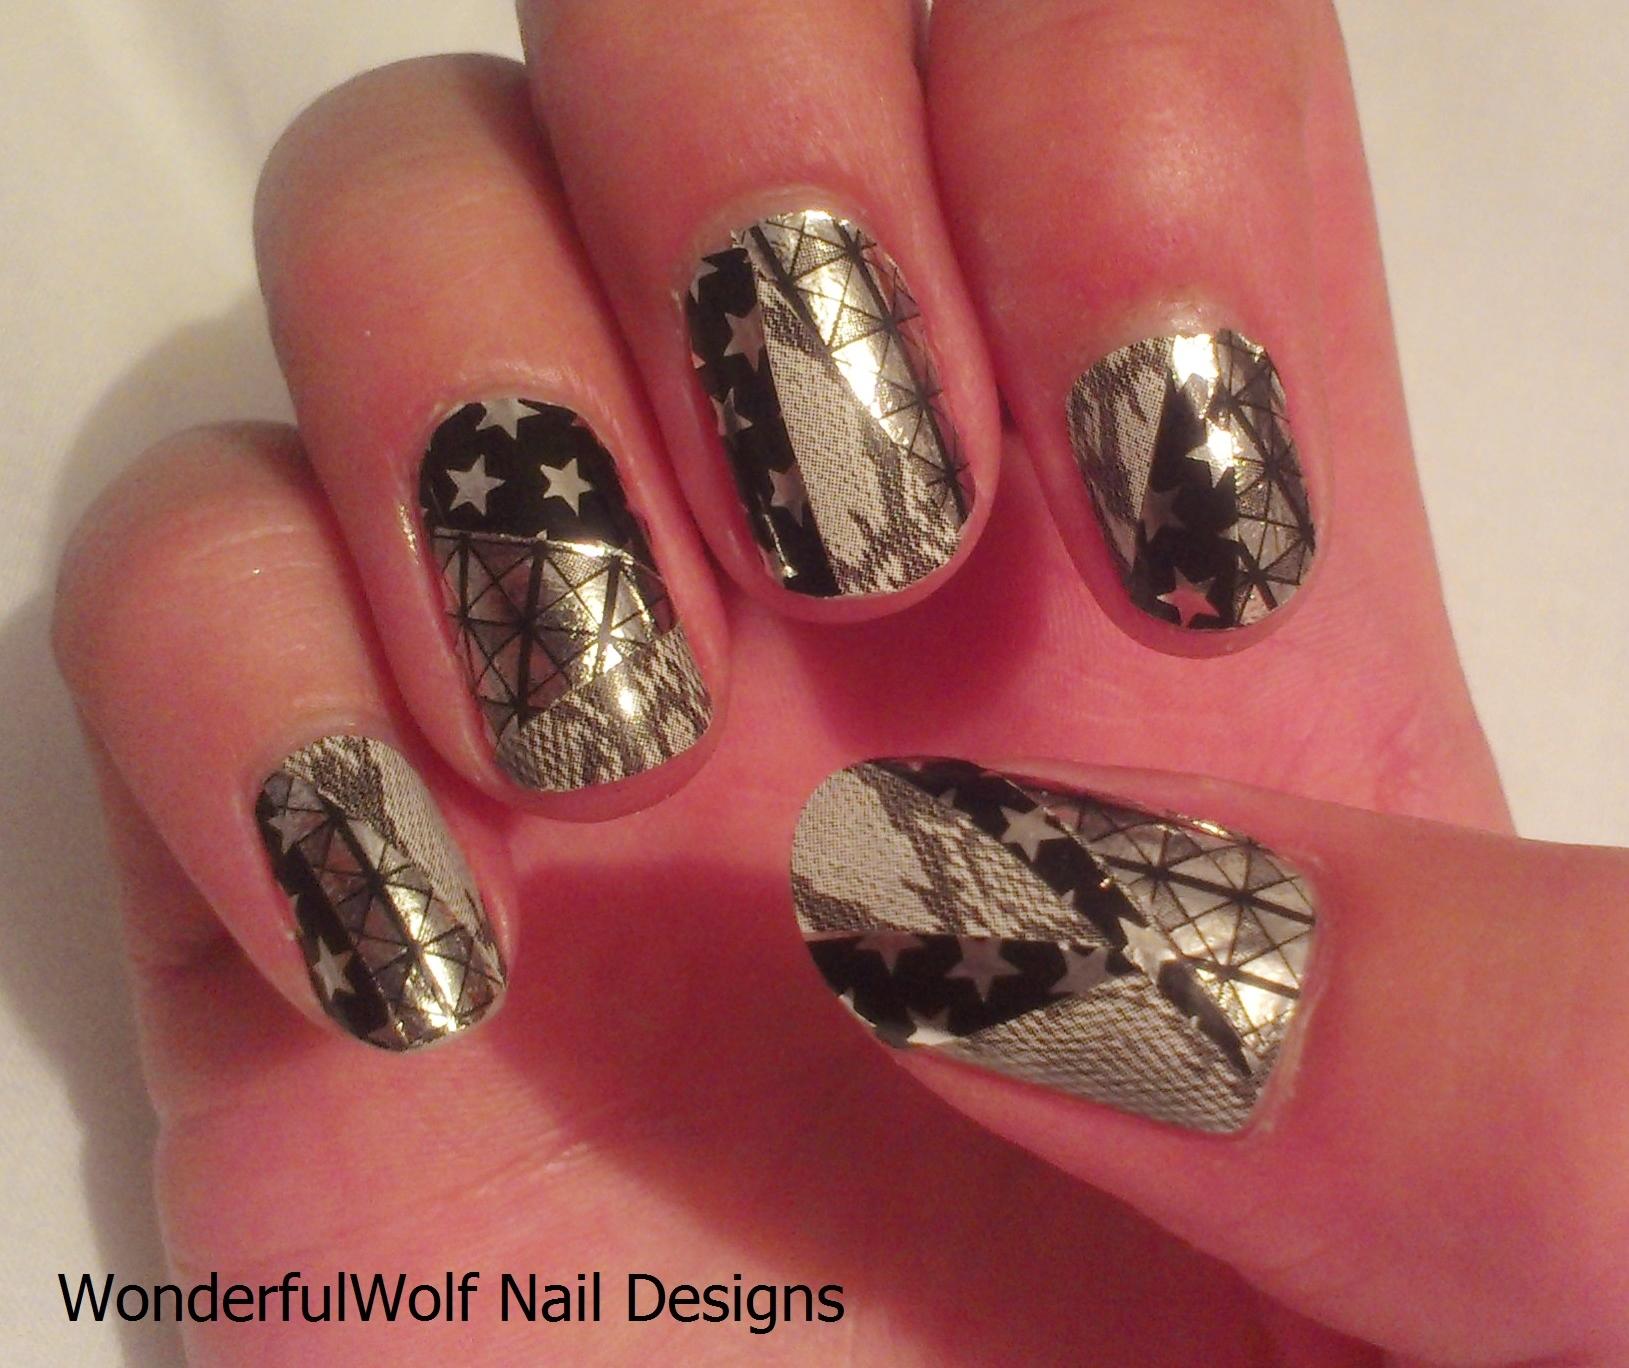 Primark Nail Wraps – WonderfulWolf